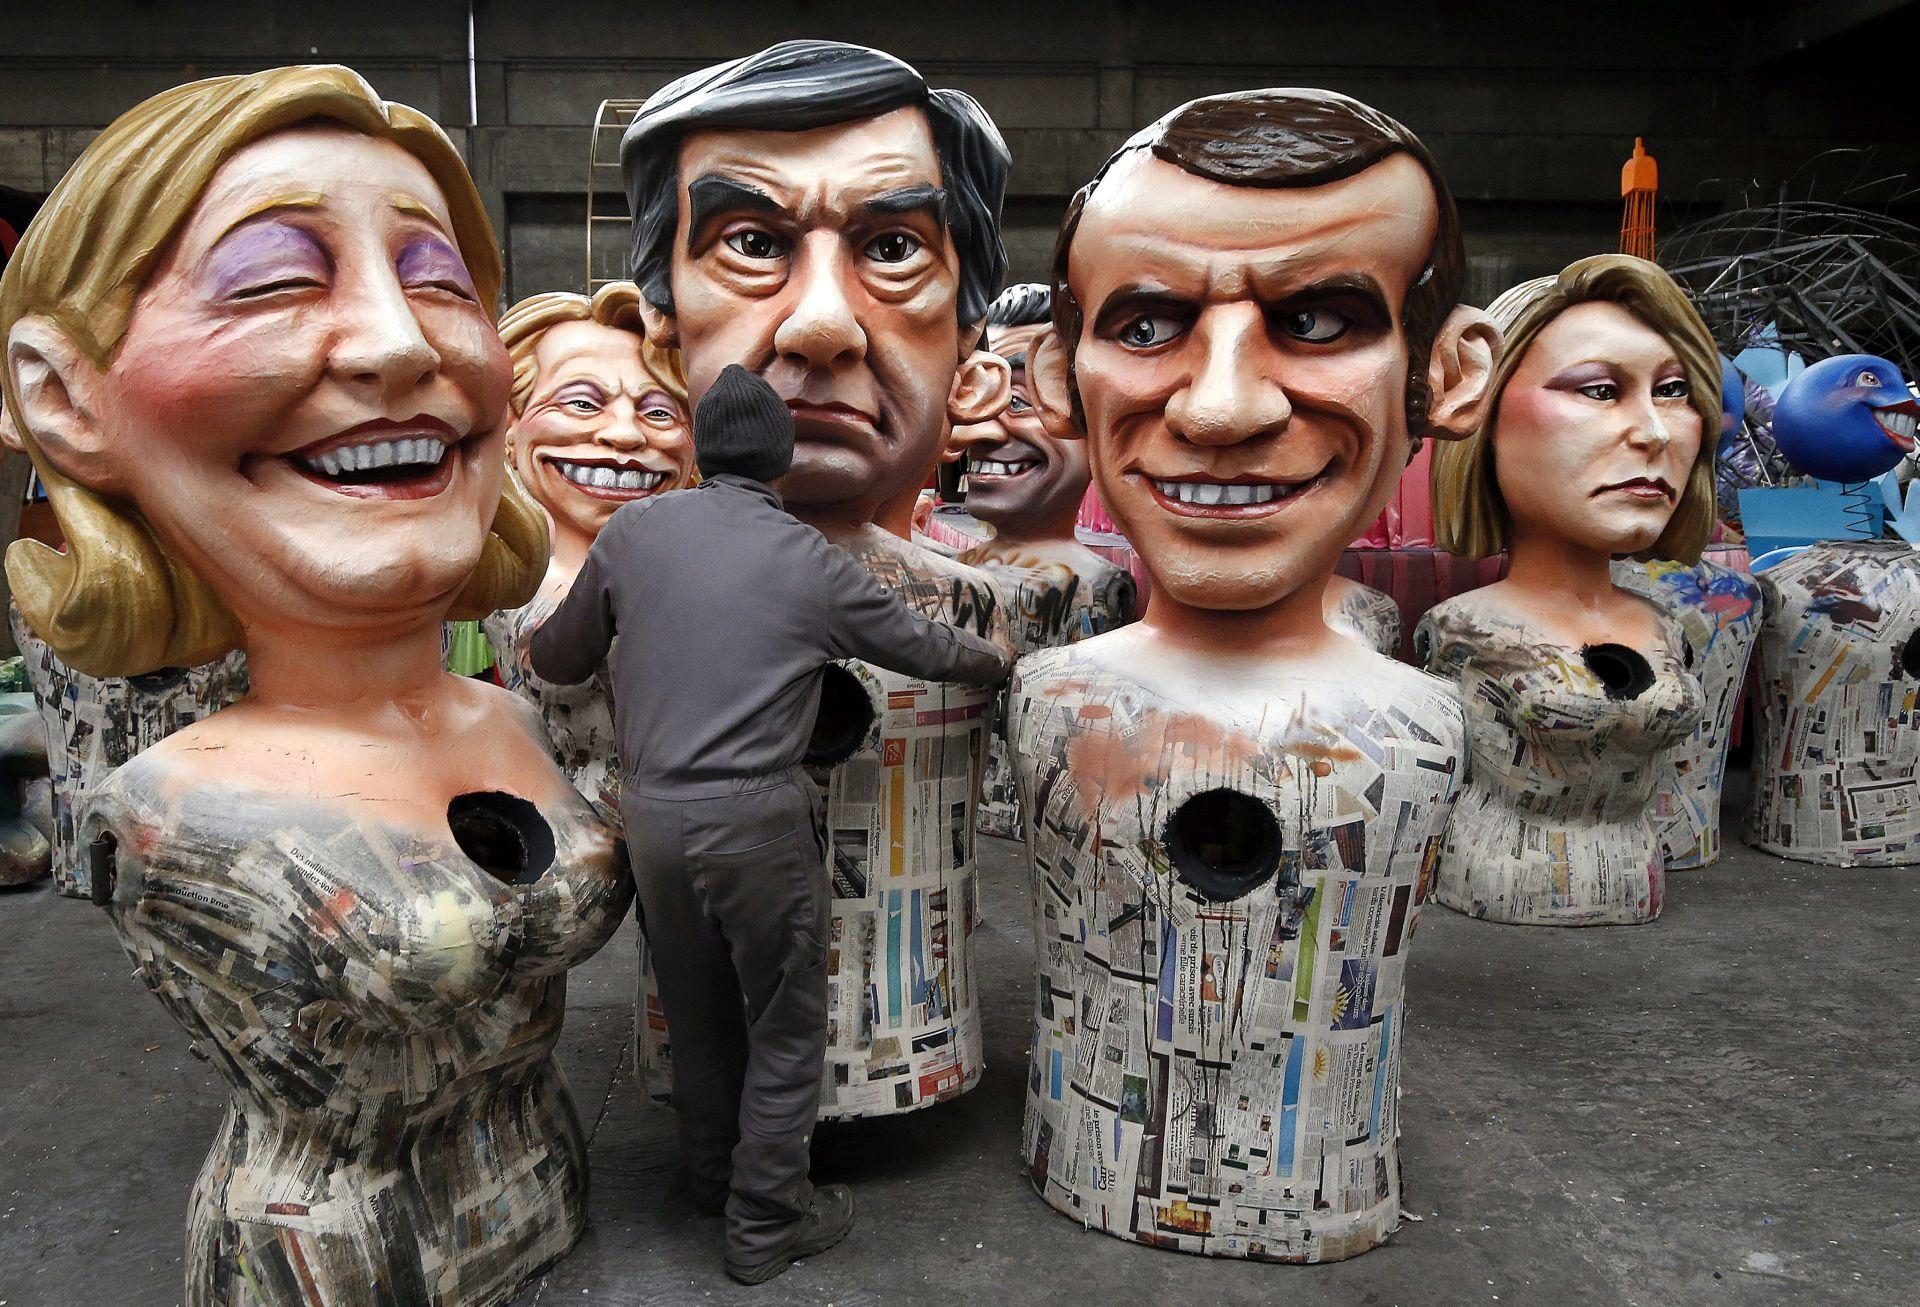 PREDSJEDNIČKI IZBORI: Fillon prestigao Macrona u anketama